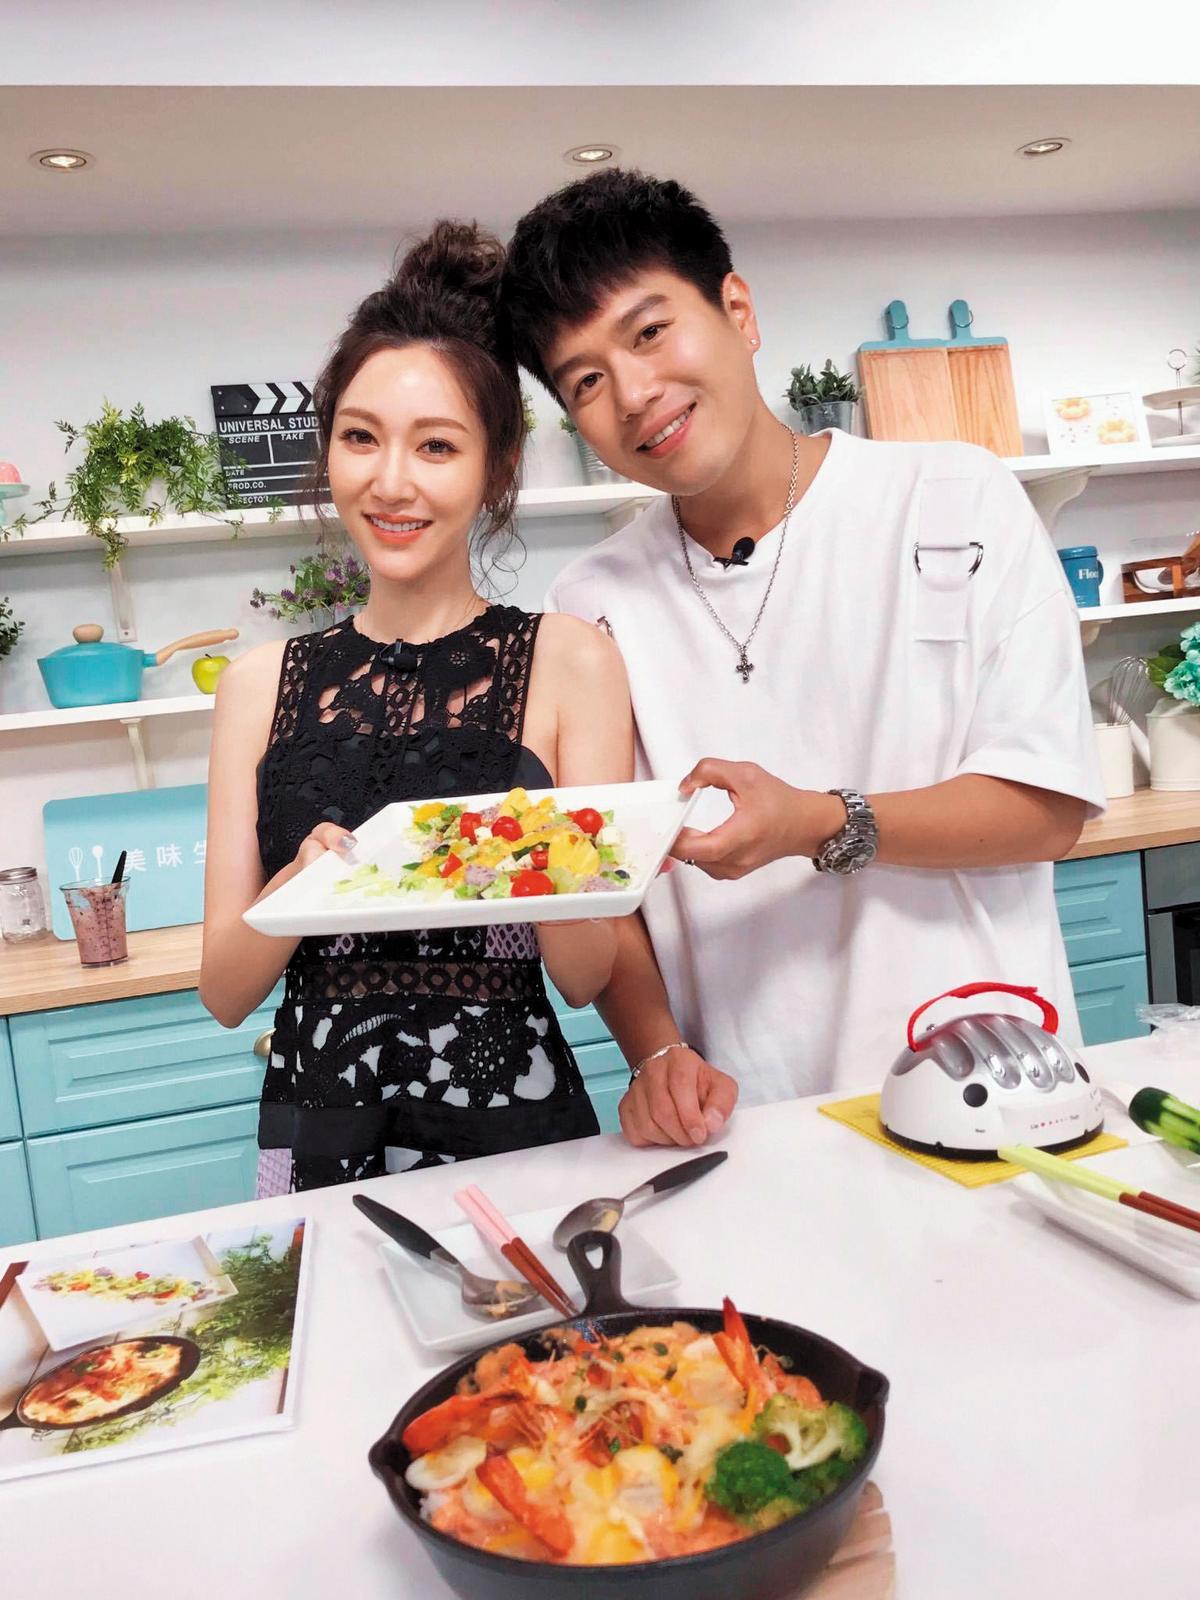 曾莞婷和合作拍戲的李易(右)私交相當不錯,特地上他的料理節目秀廚藝。(翻攝自曾莞婷臉書)